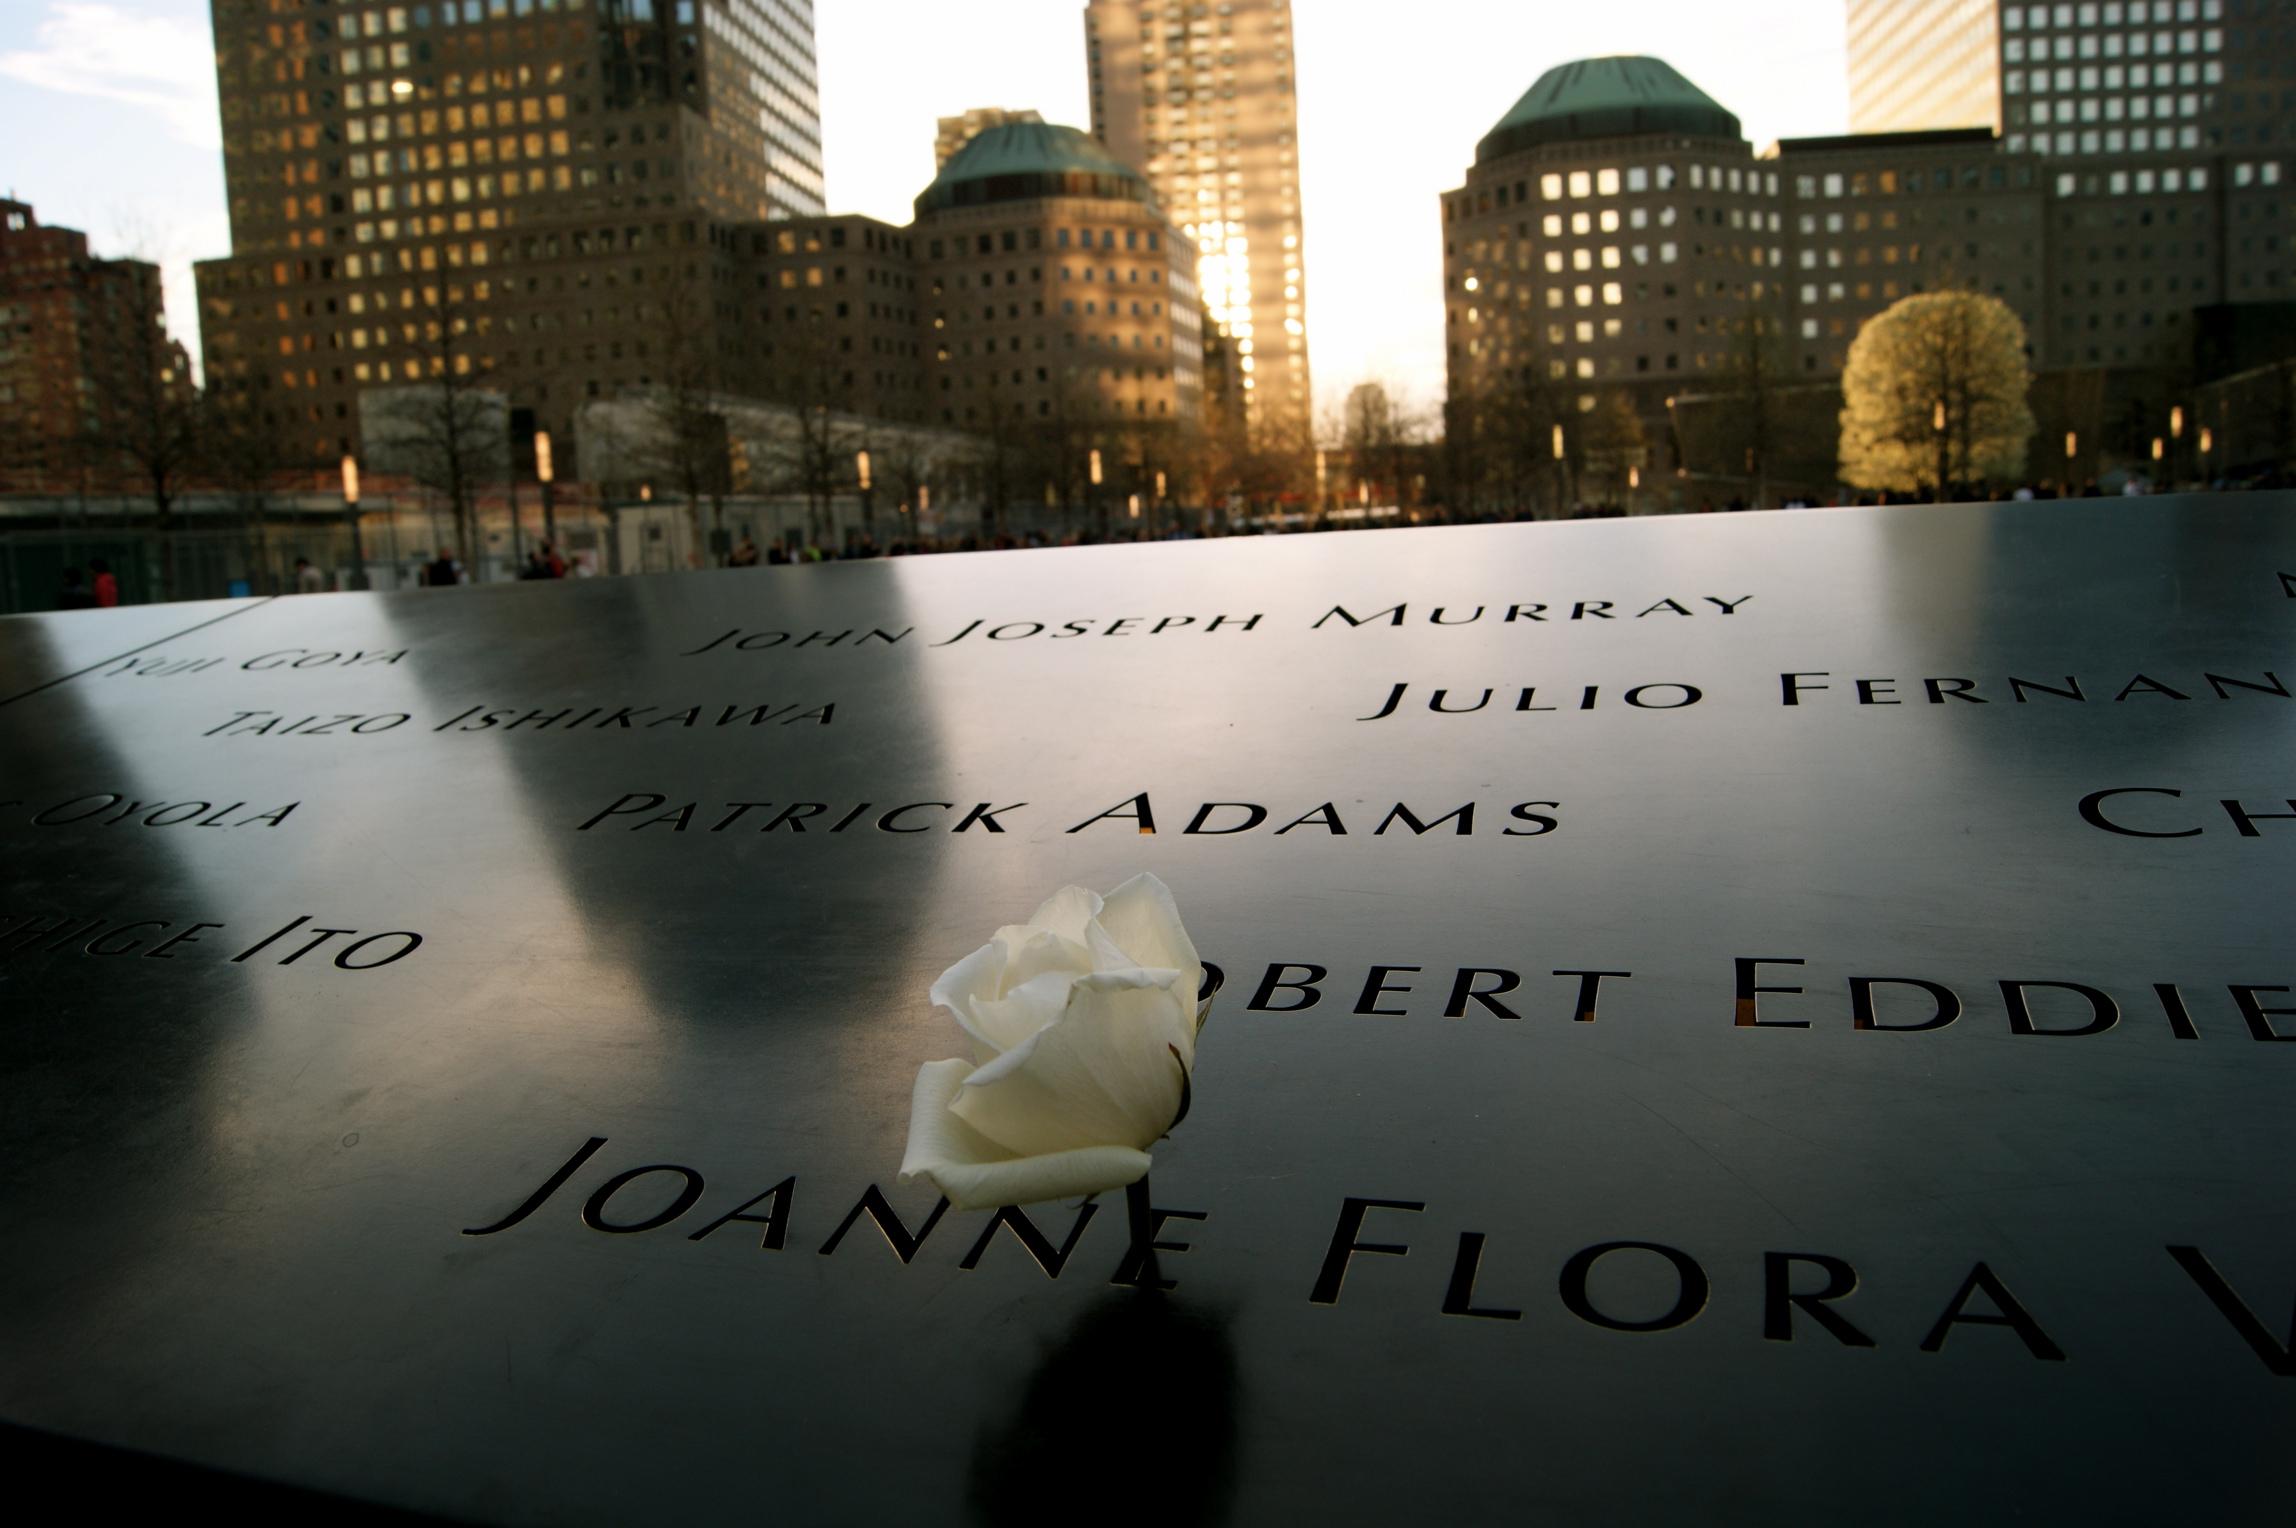 Sunset at Ground Zero